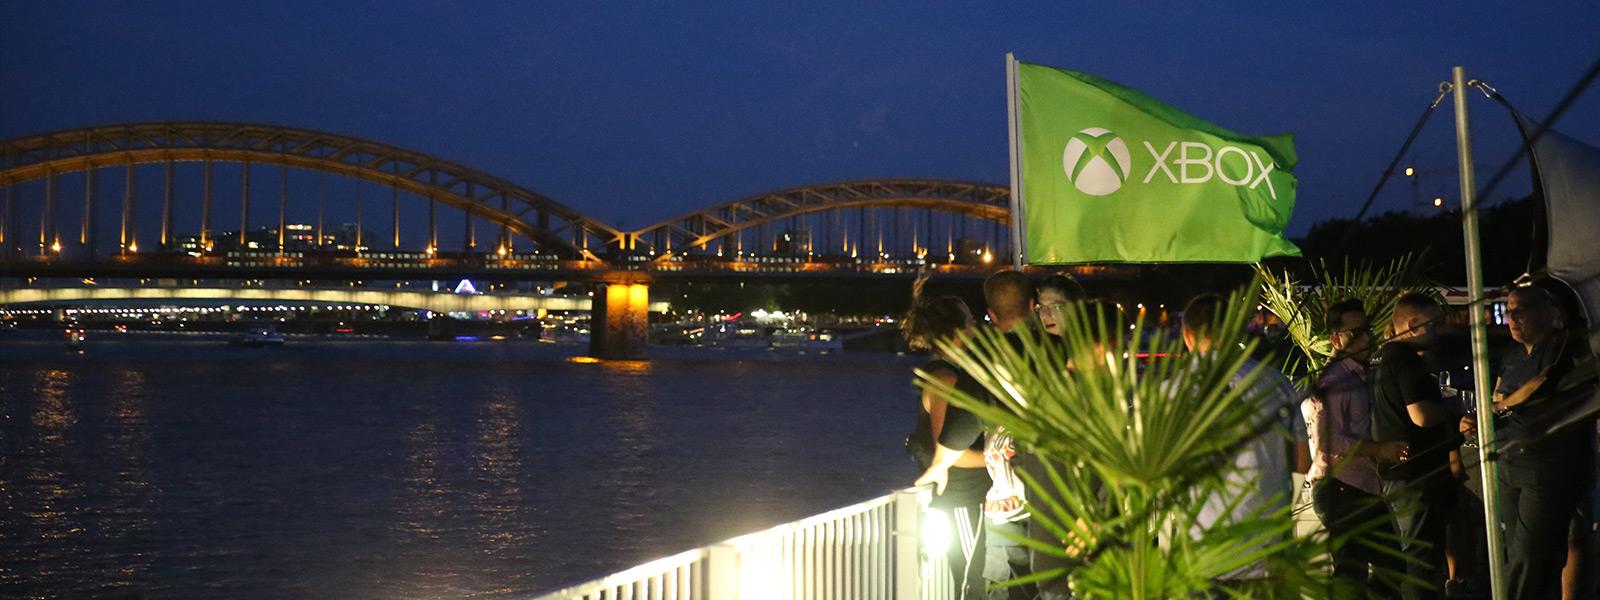 Nächtliche Szene von Menschen, die unter einer Xbox-Fahne plaudern, mit der Hohenzollernbrücke im Hintergrund